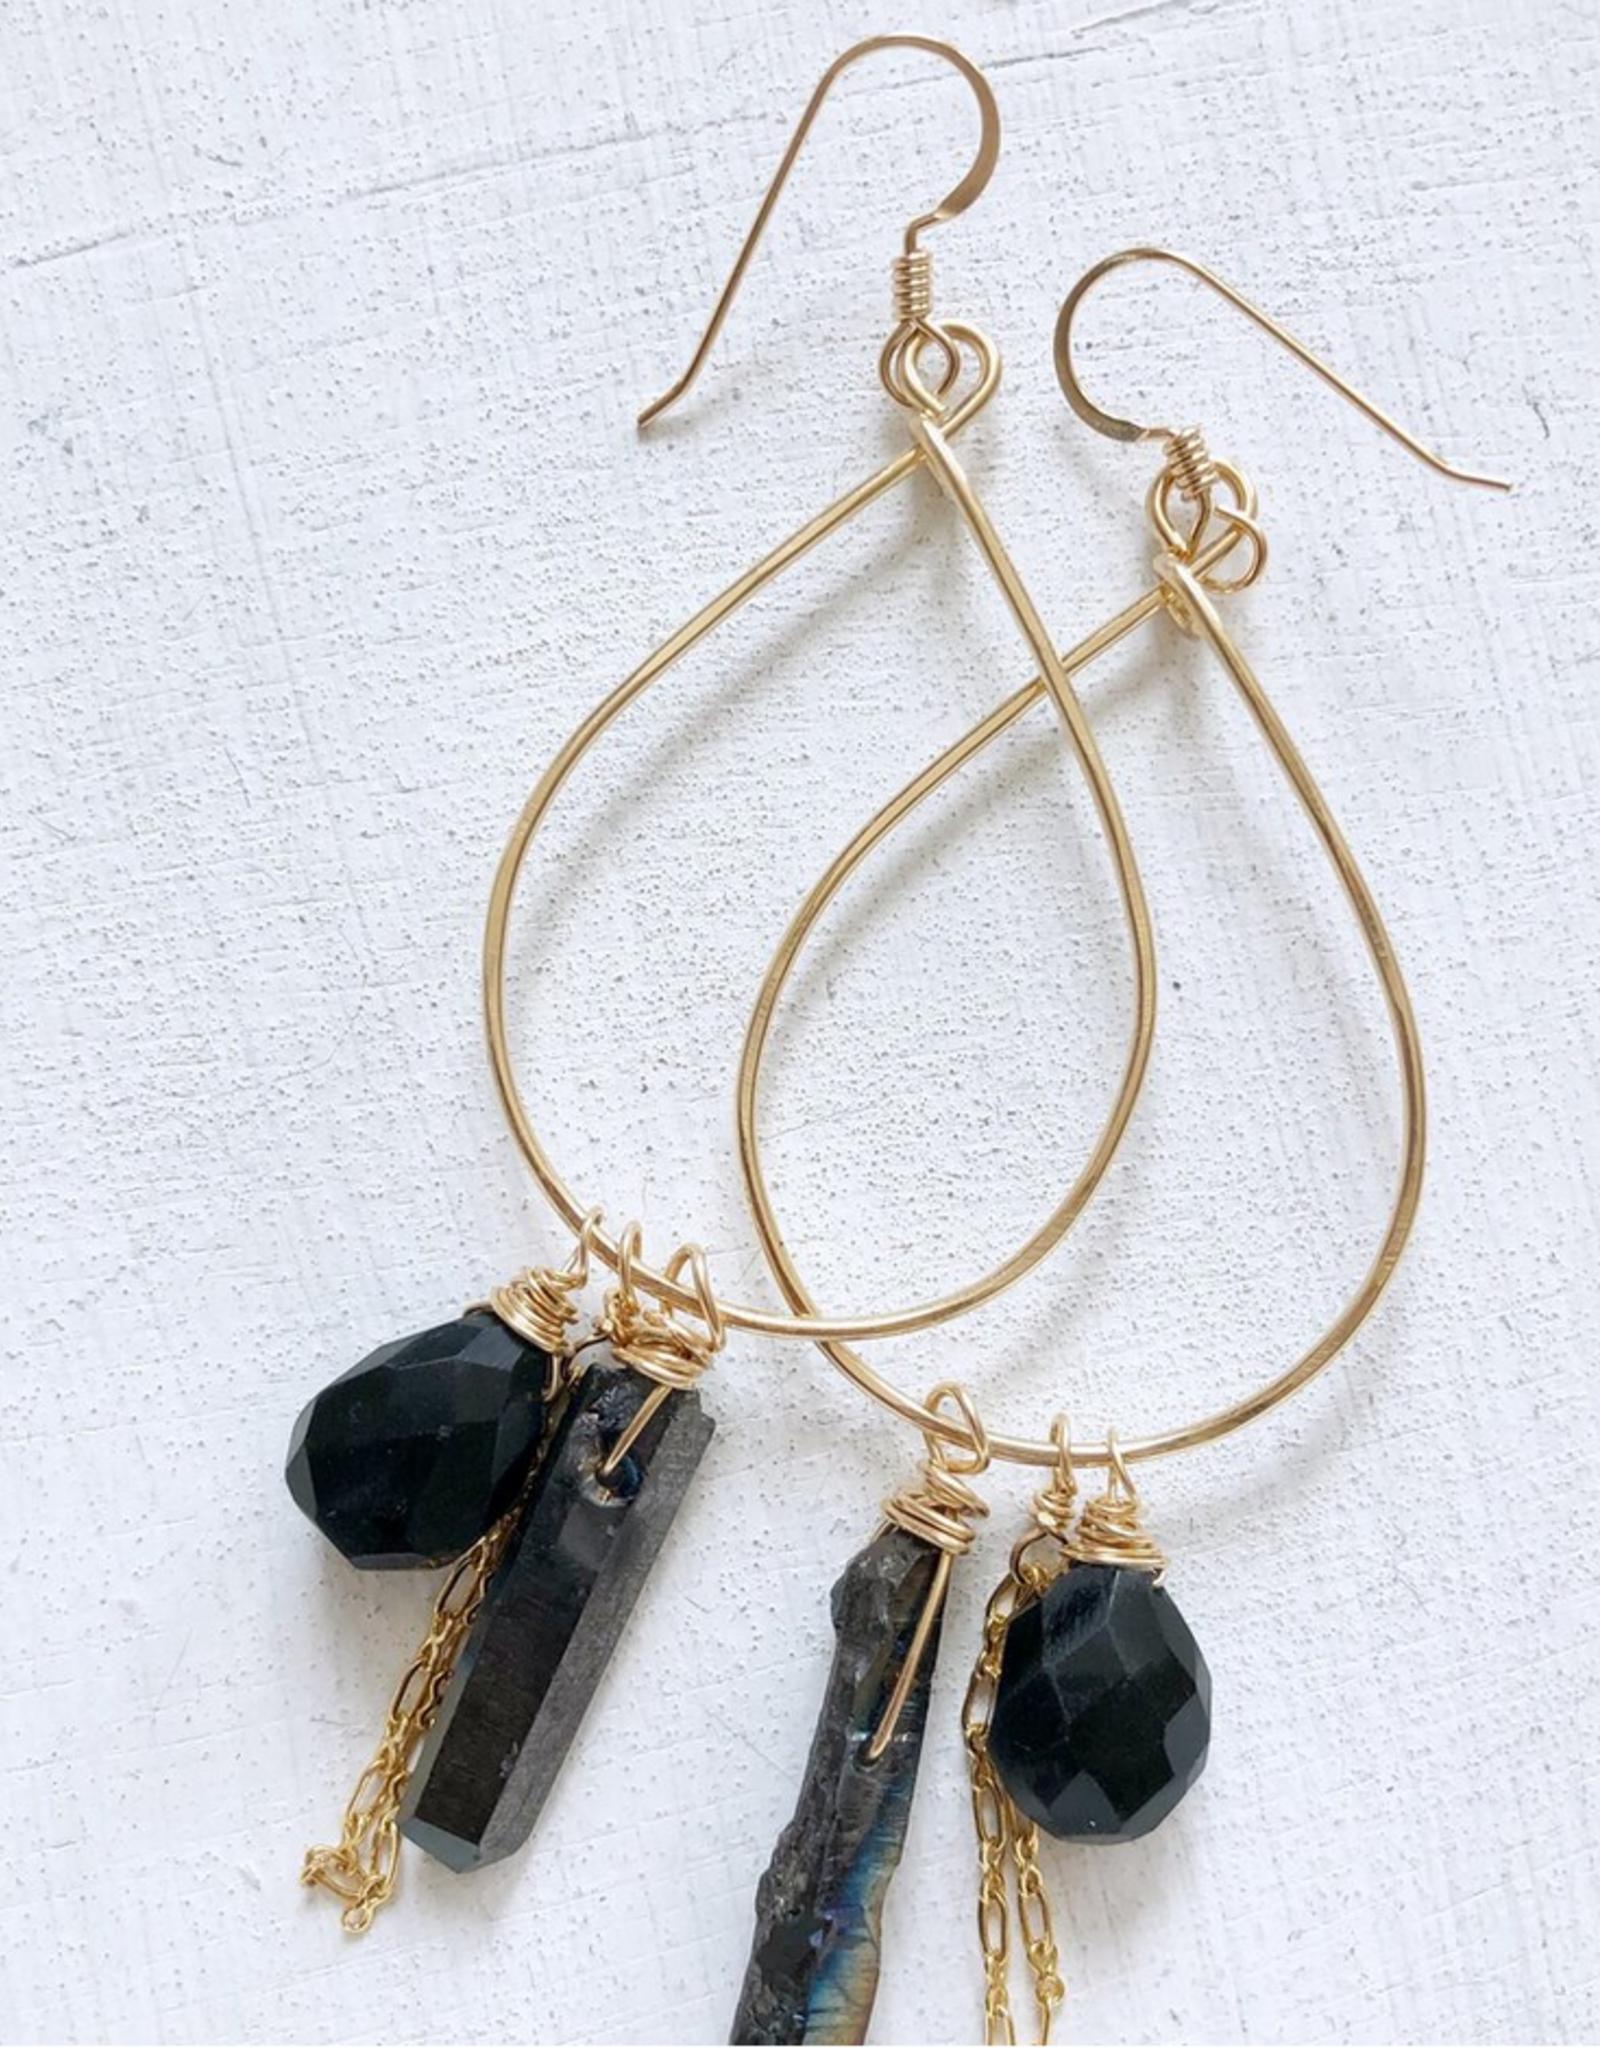 EARRINGS HOOPS TEARDROP BLACK ONYX AND CRYSTAL GOLD